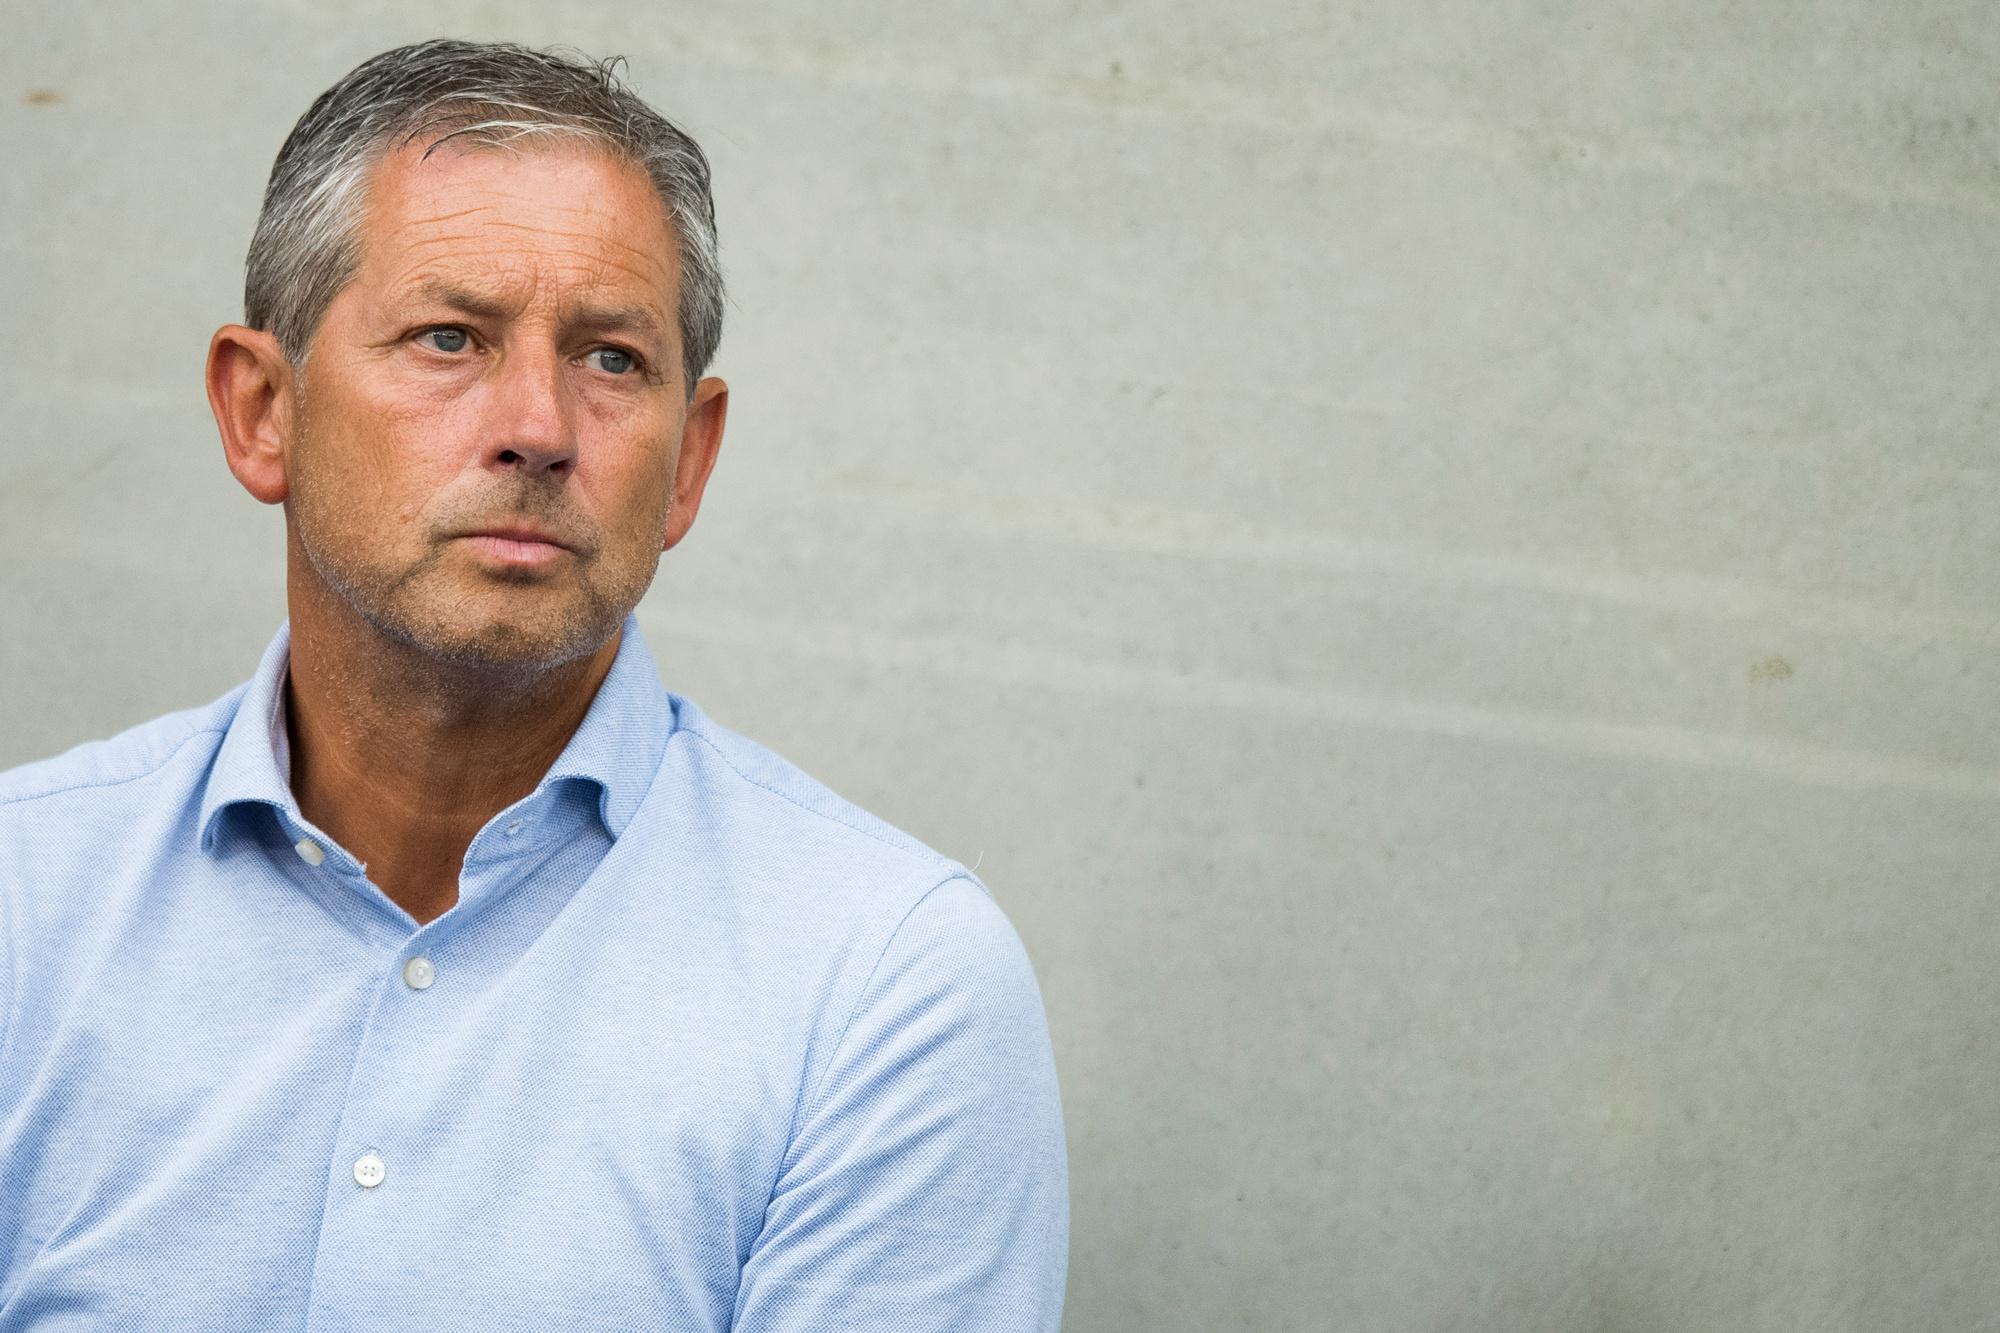 Frank De Bleeckere était le dernier arbitre belge à avoir officier en Champion's League. C'était il y a dix ans., belga